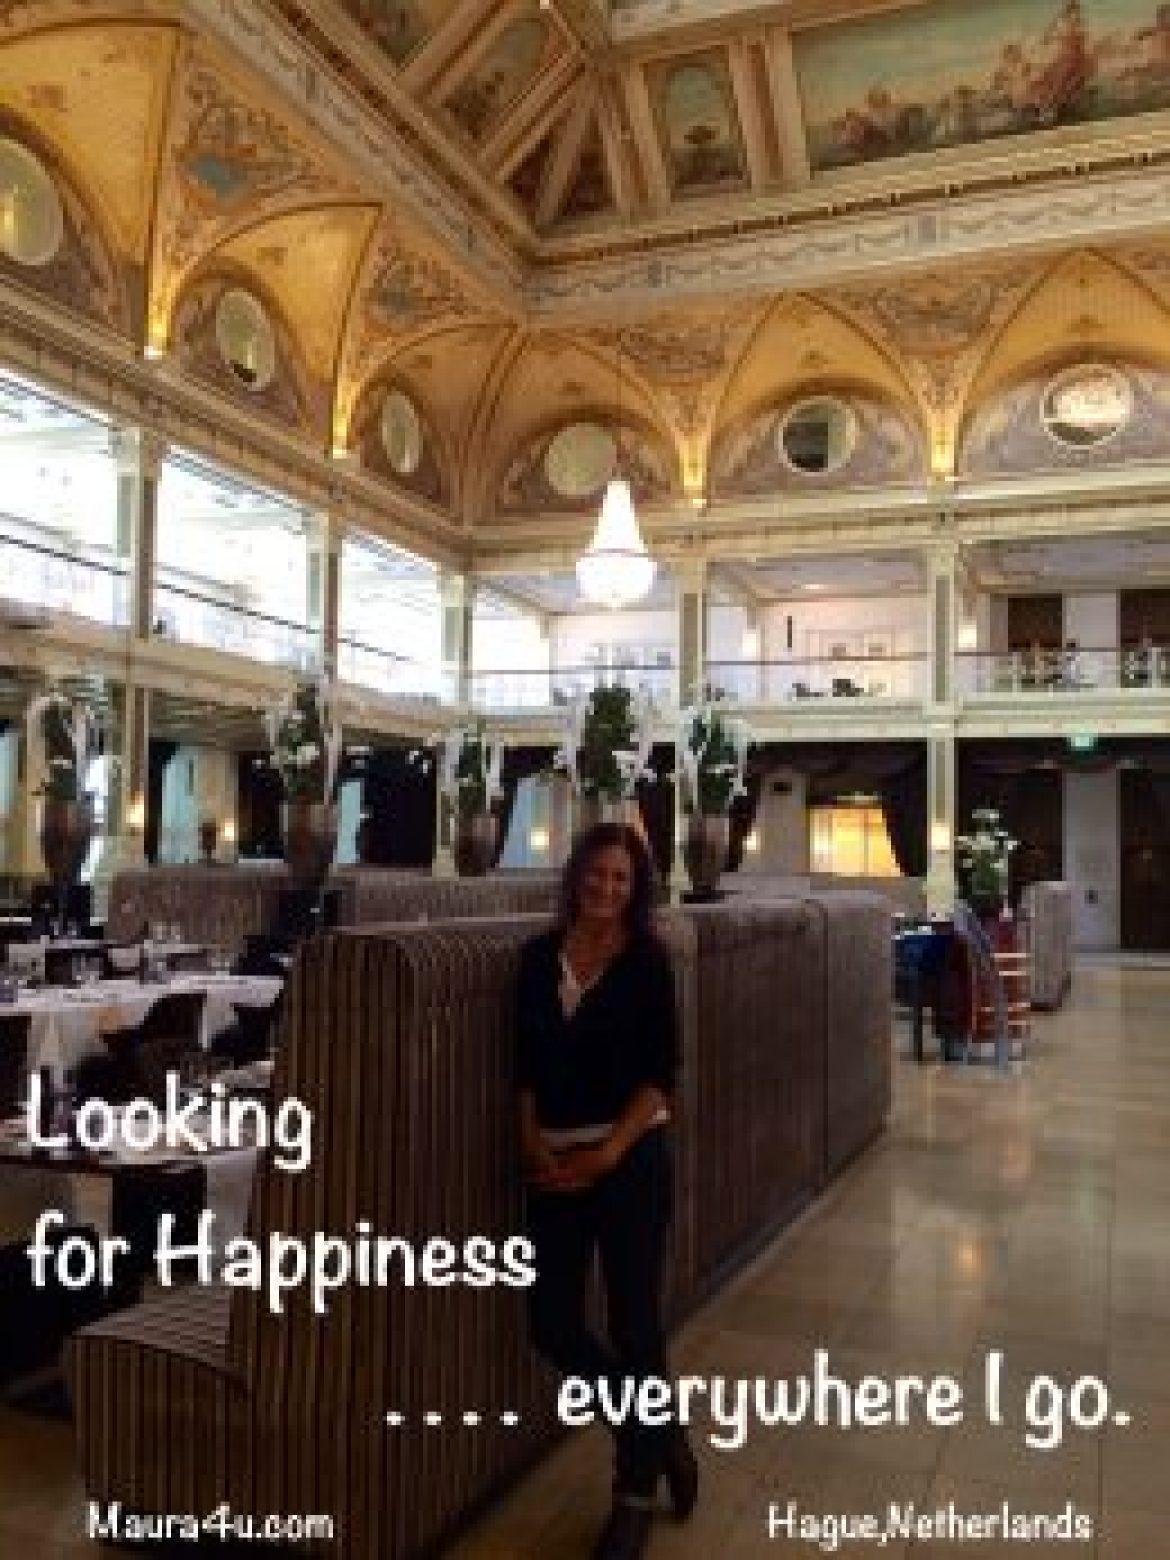 MS at Hague hotel